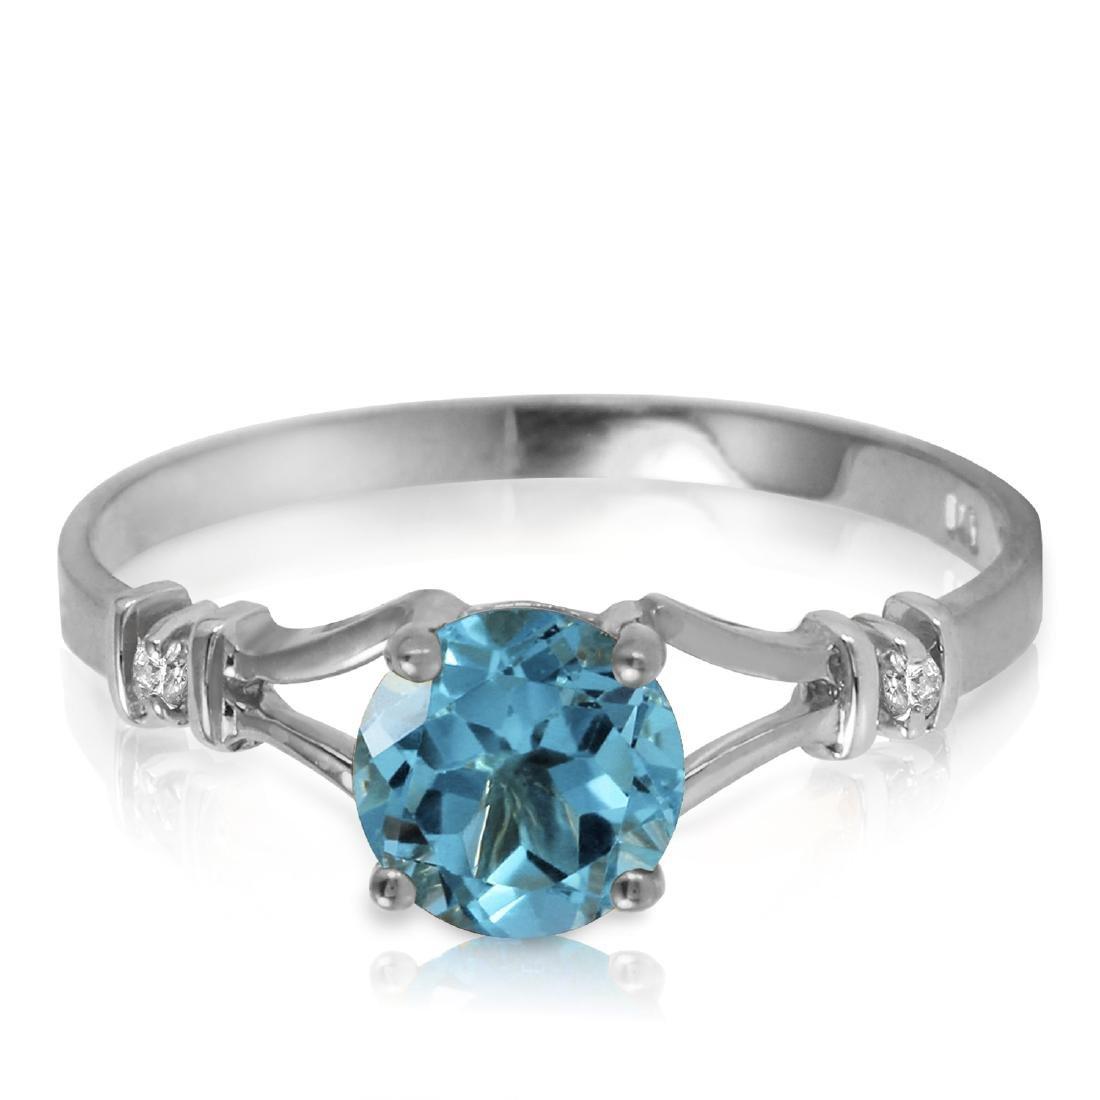 Genuine 1.02 ctw Blue Topaz & Diamond Ring Jewelry 14KT